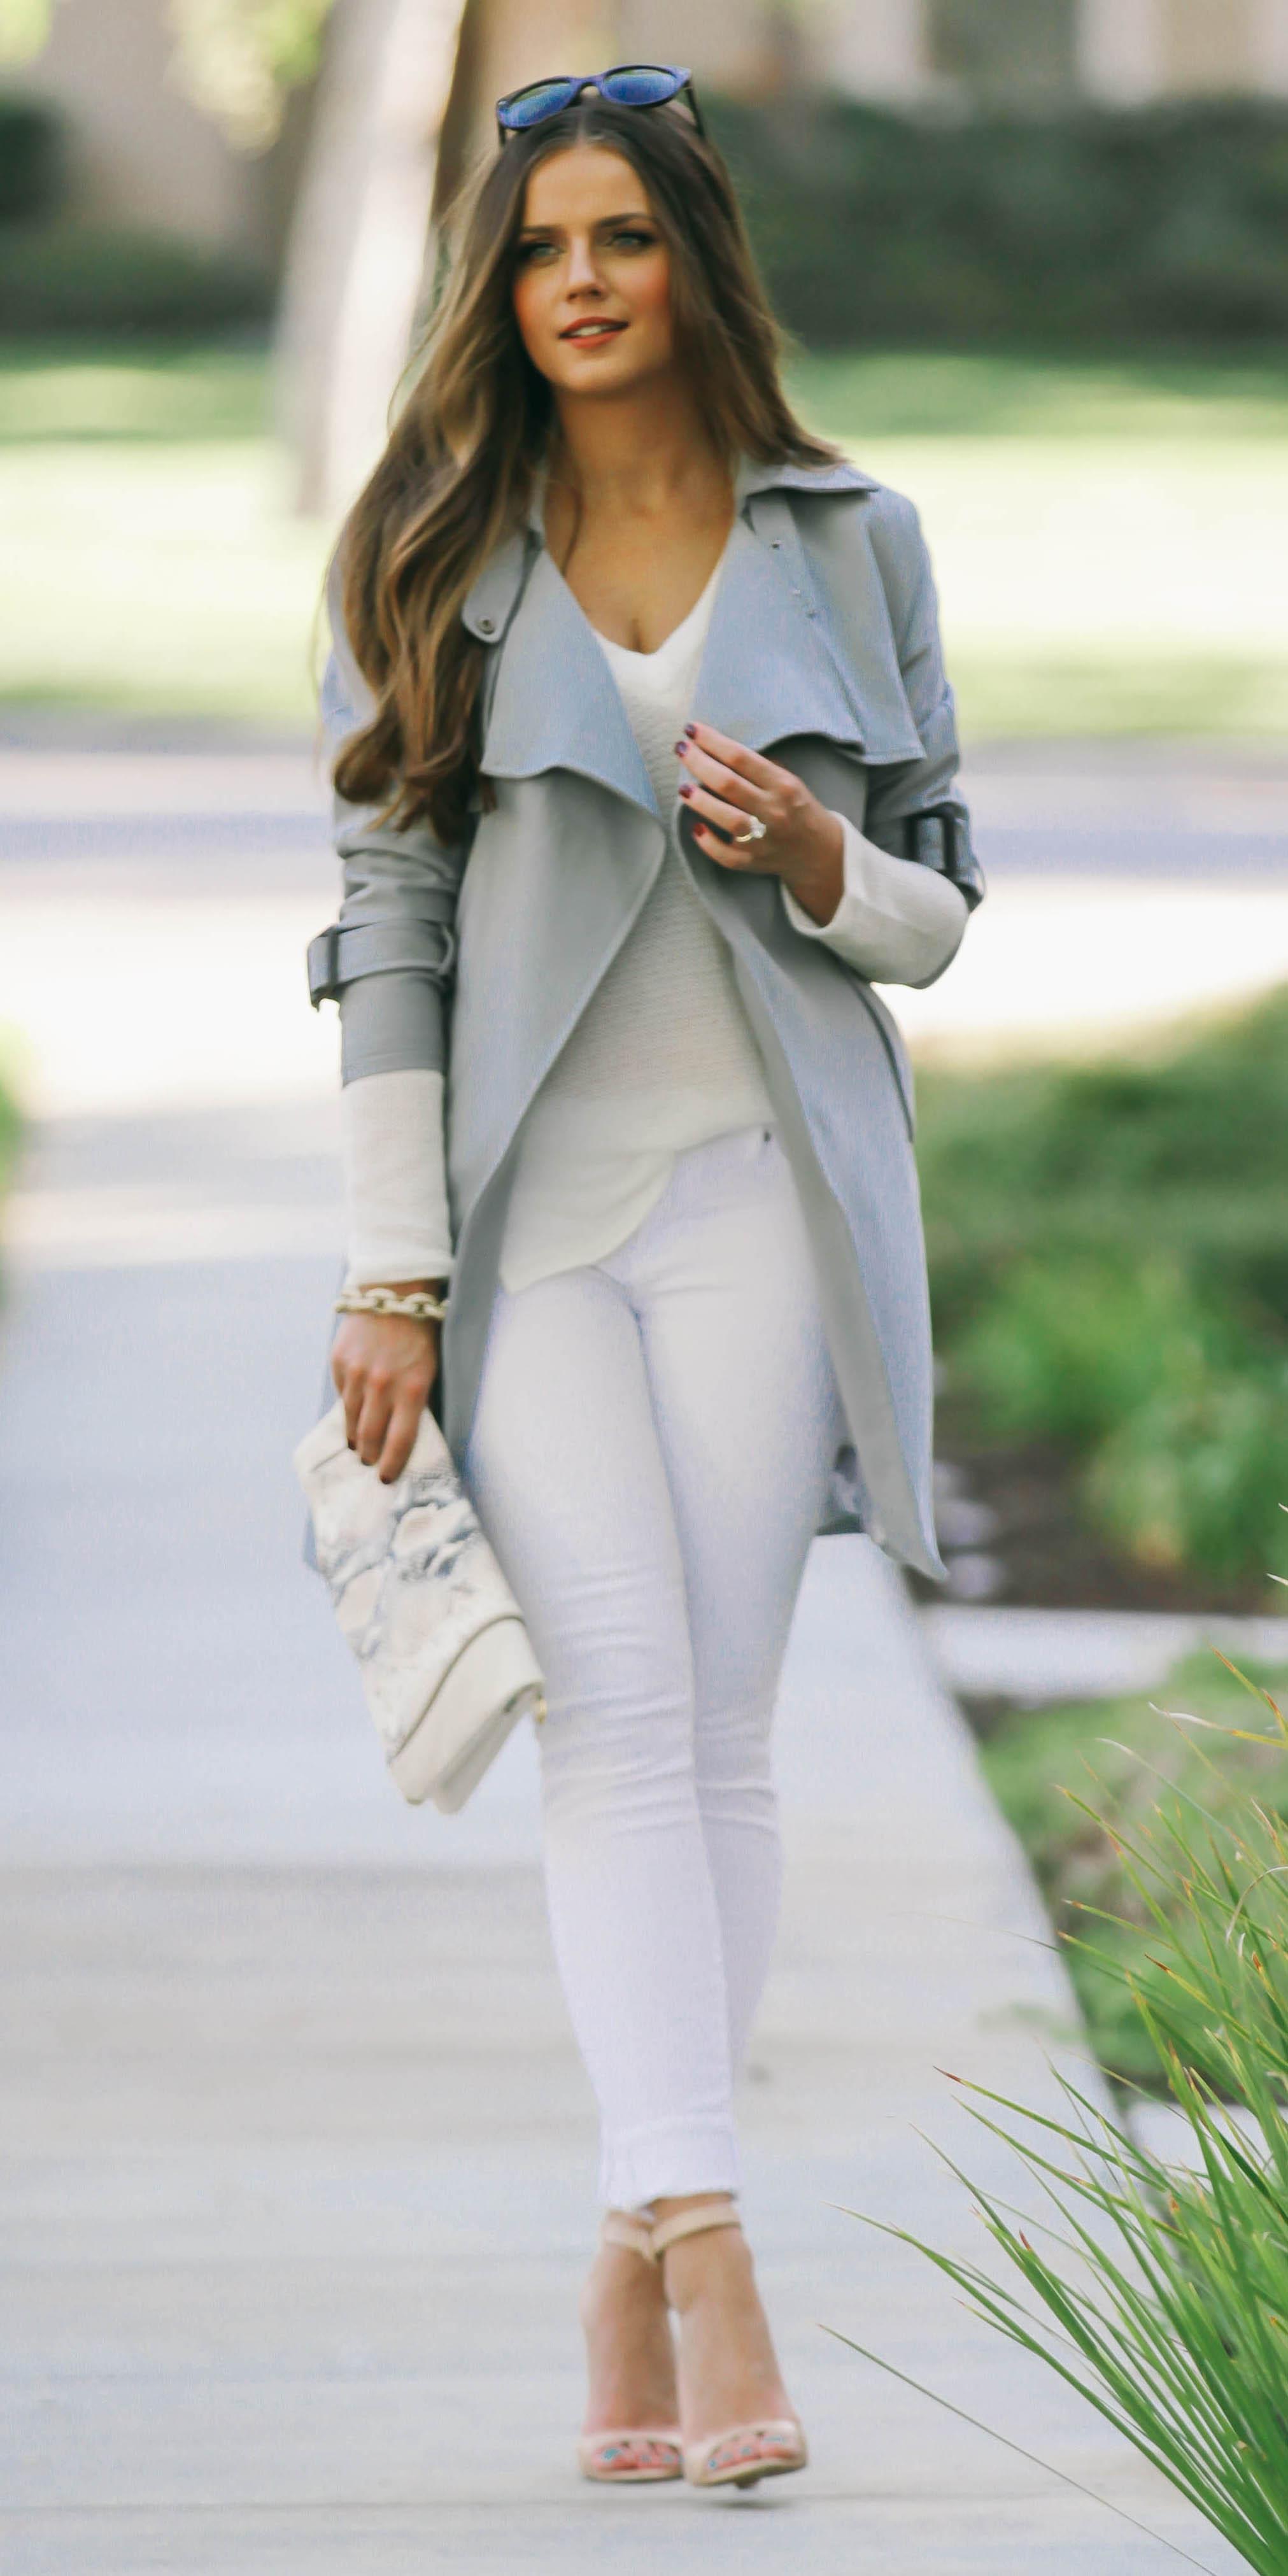 white-skinny-jeans-white-sweater-white-bag-clutch-hairr-tan-shoe-sandalh-grayl-jacket-coat-trench-fall-winter-dinner.jpg